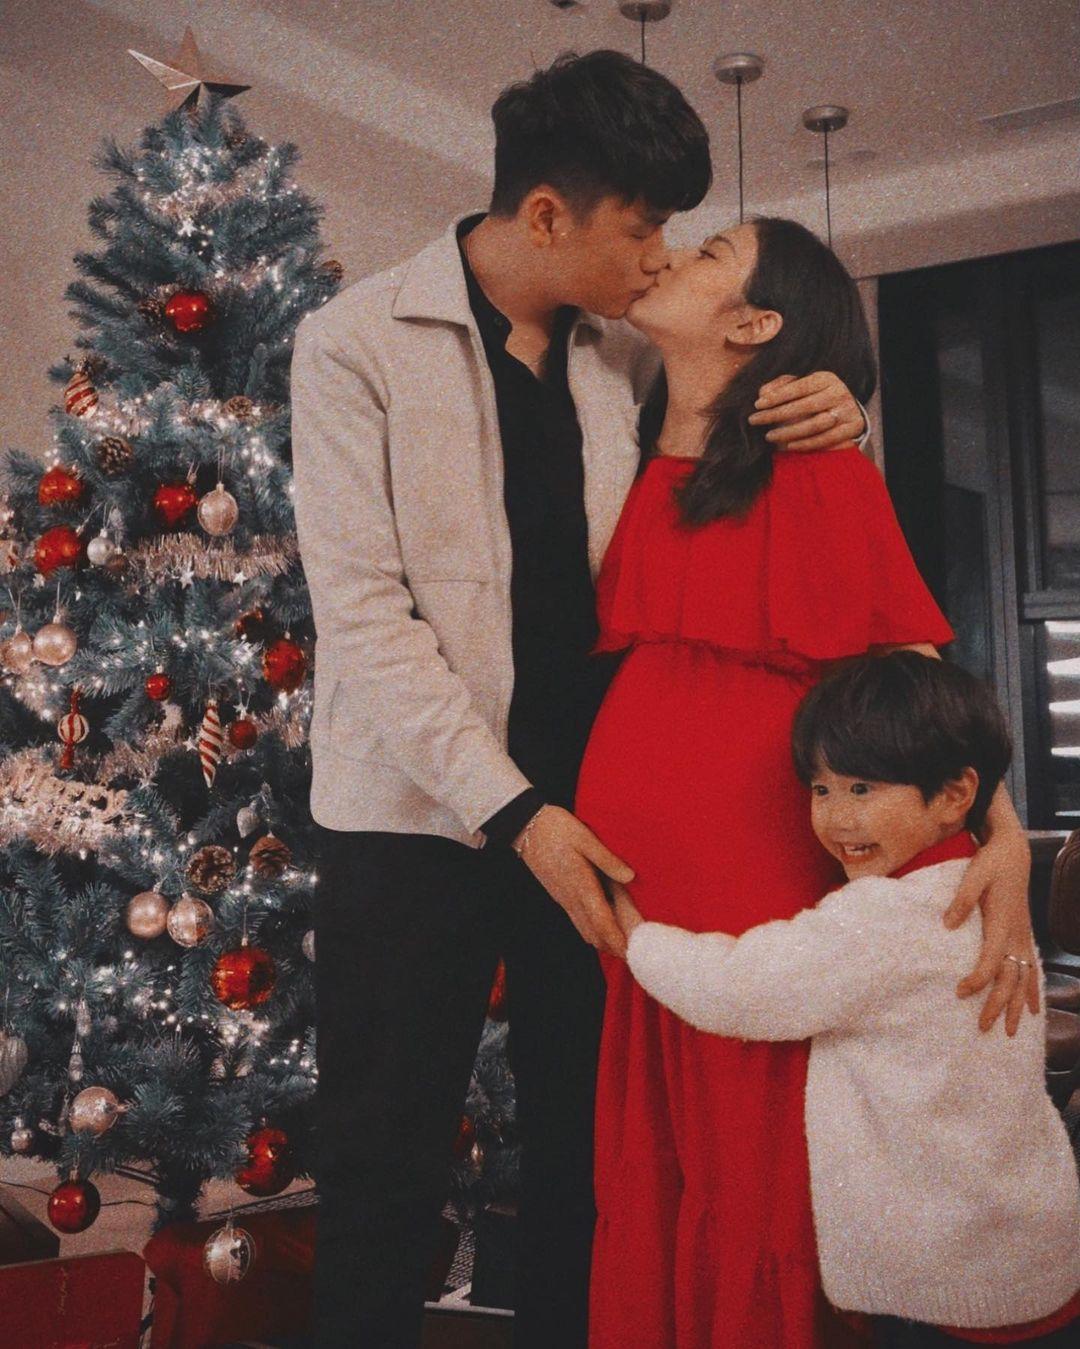 """Dàn sao Vbiz lên đồ tưng bừng đón Giáng Sinh: Vợ chồng BigDaddy và Emily tình tứ diện đồ đôi, thi """"phát cẩu lương"""" với ba mẹ bé Xoài - Ảnh 2."""